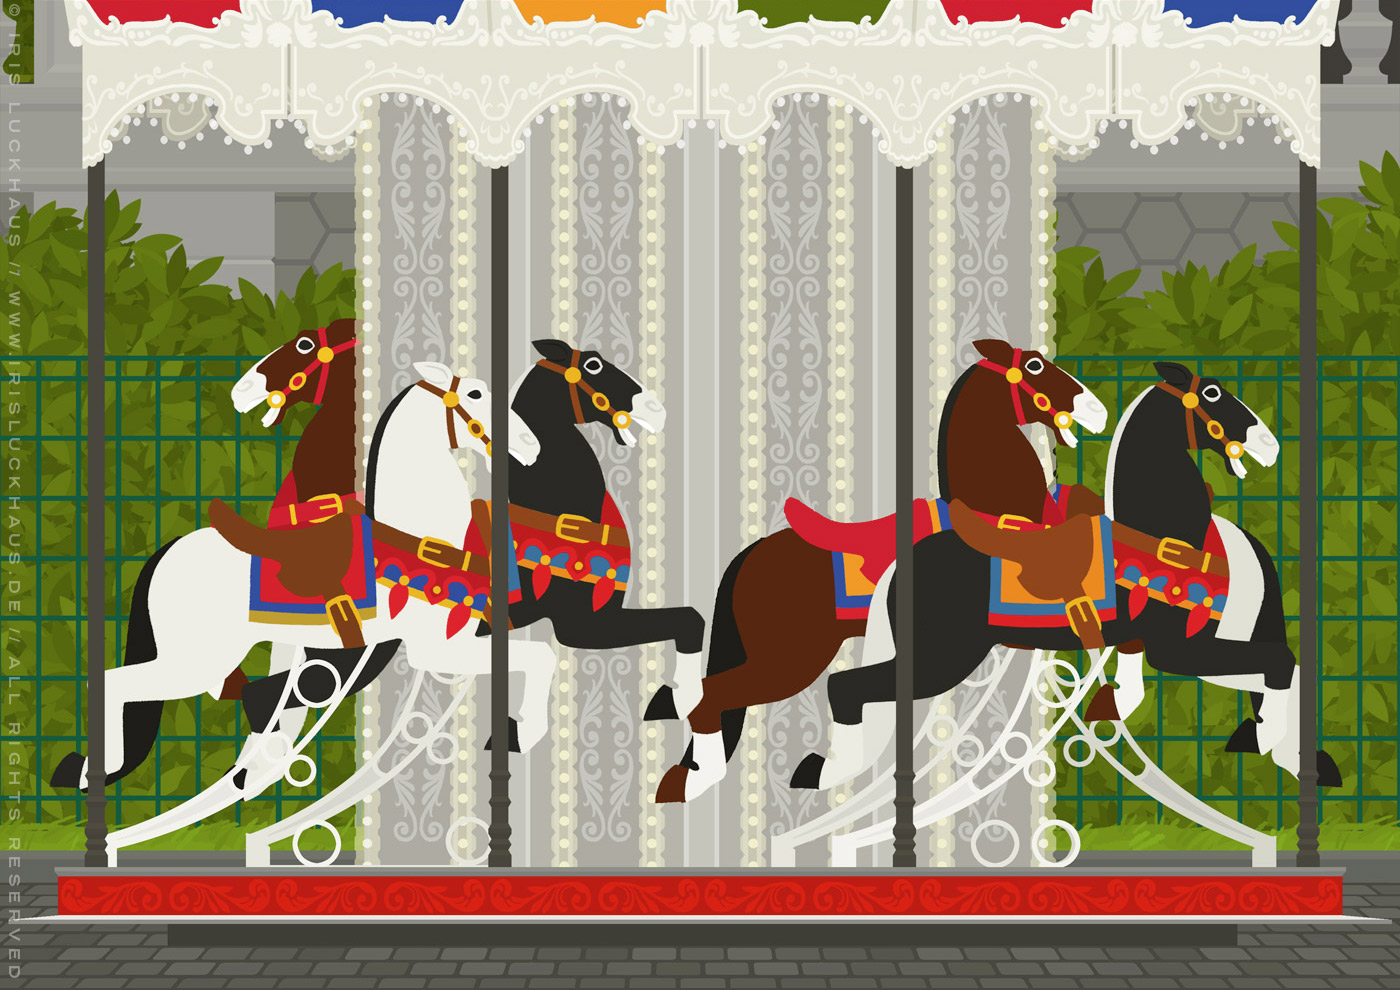 Zeichnung von einem Karussell mit Pferdchen aus Holz am Montmarte in Paris